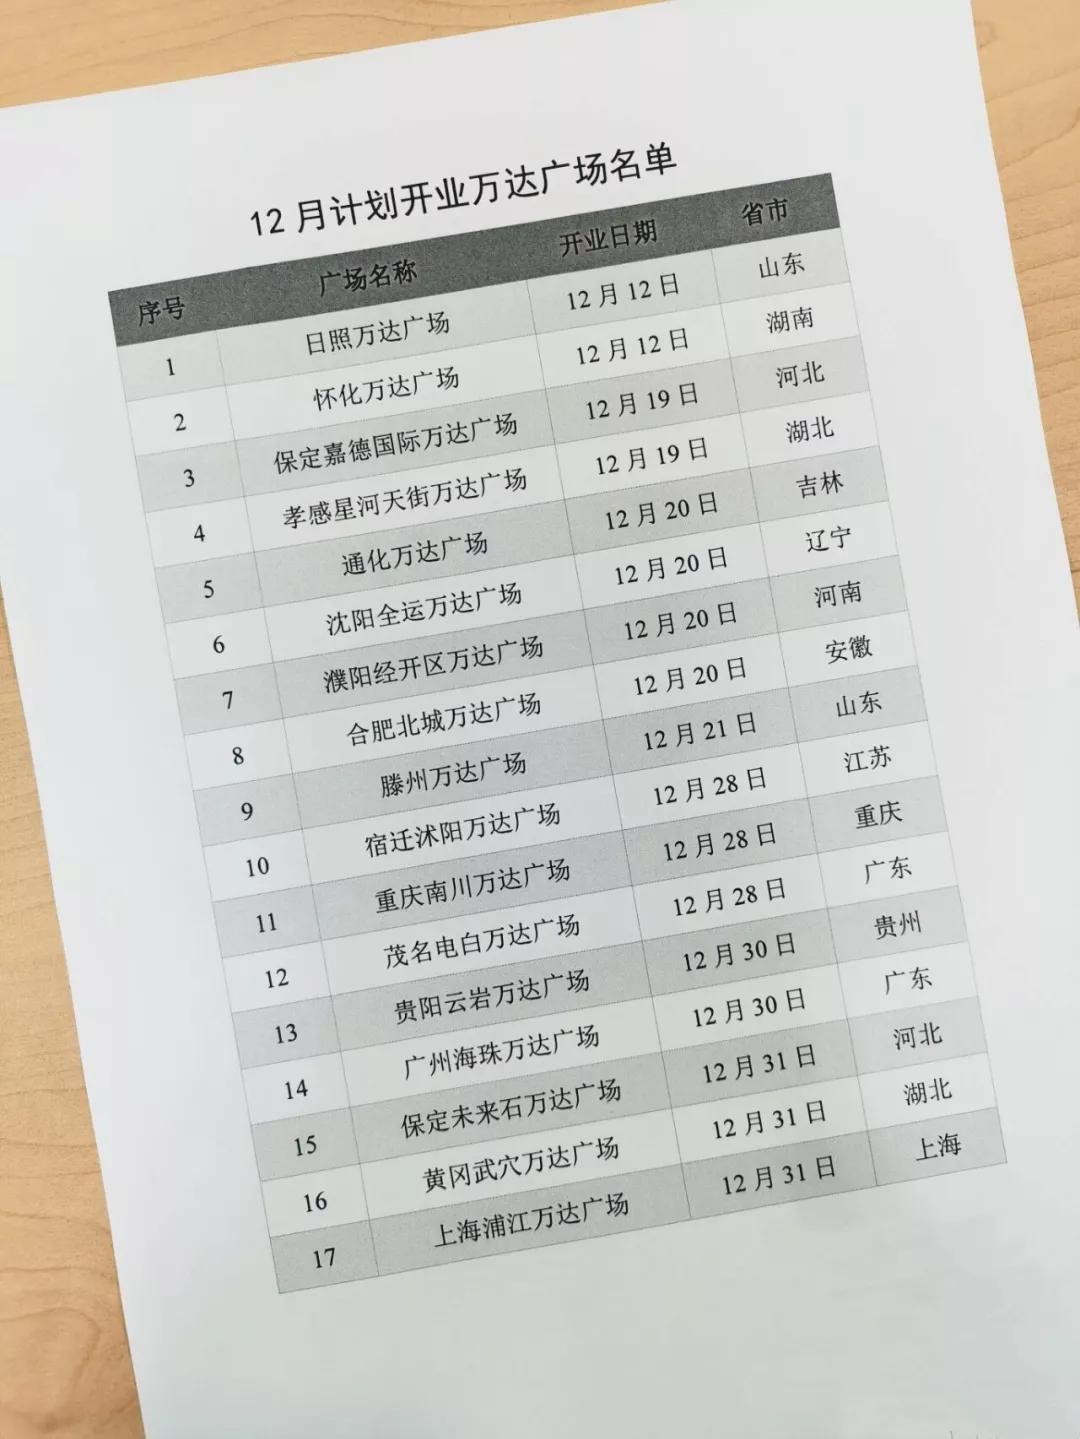 万达集团:本月计划开业17家万达广场-中国网地产